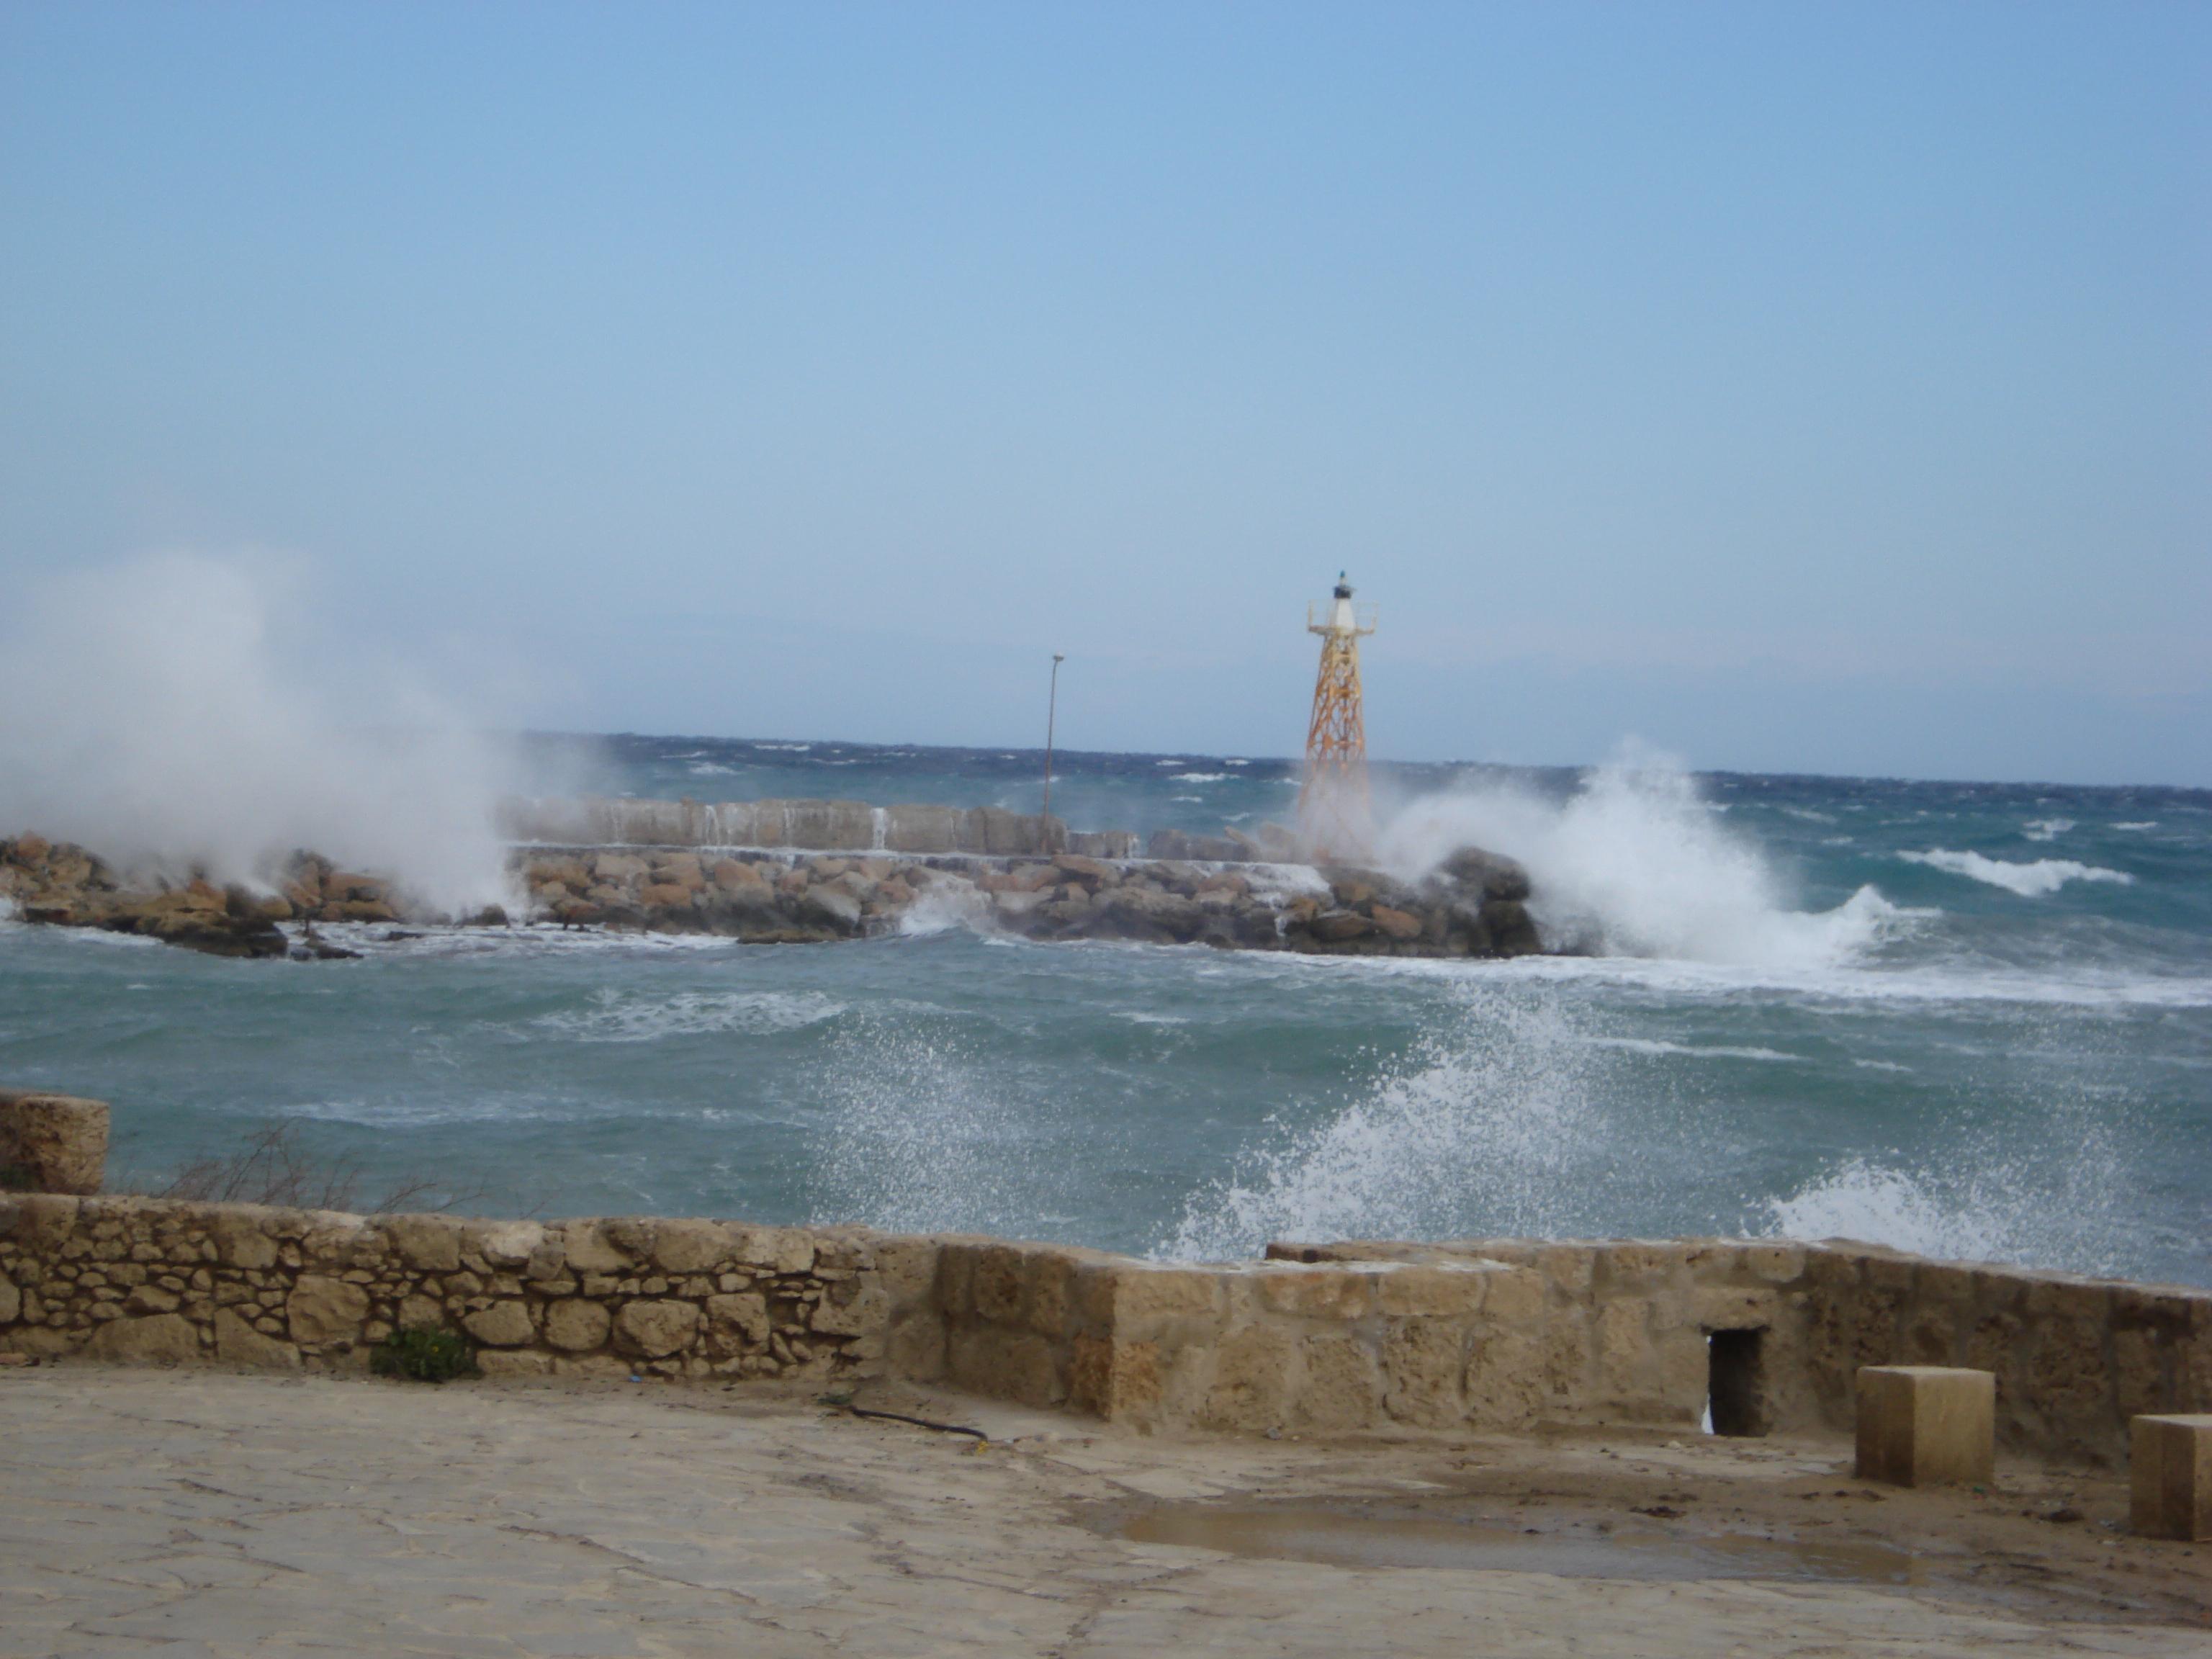 north-cyprus-stormy-seas-kyrenia-harbour